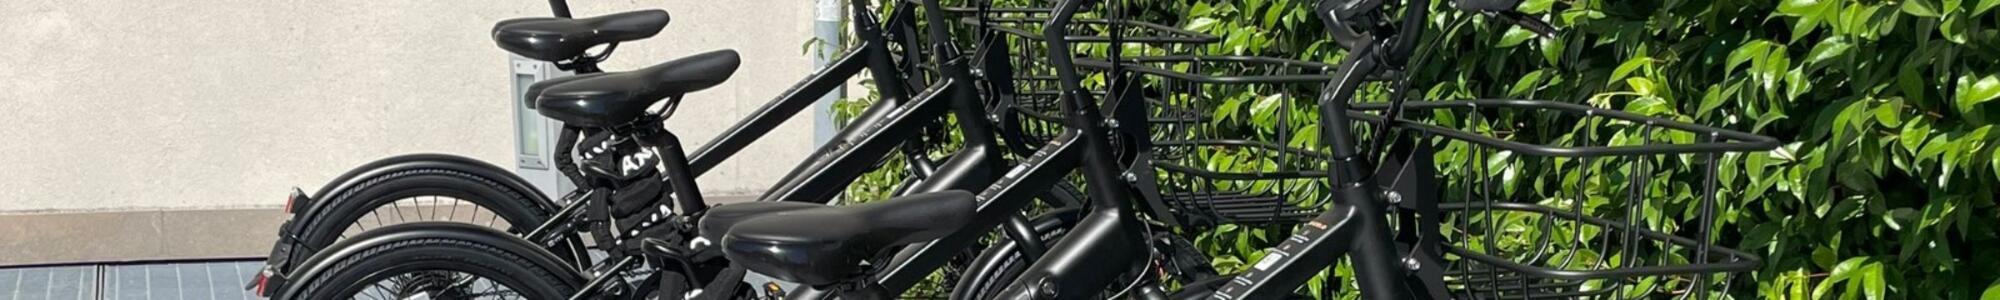 Noleggia una e-bike Bicelo